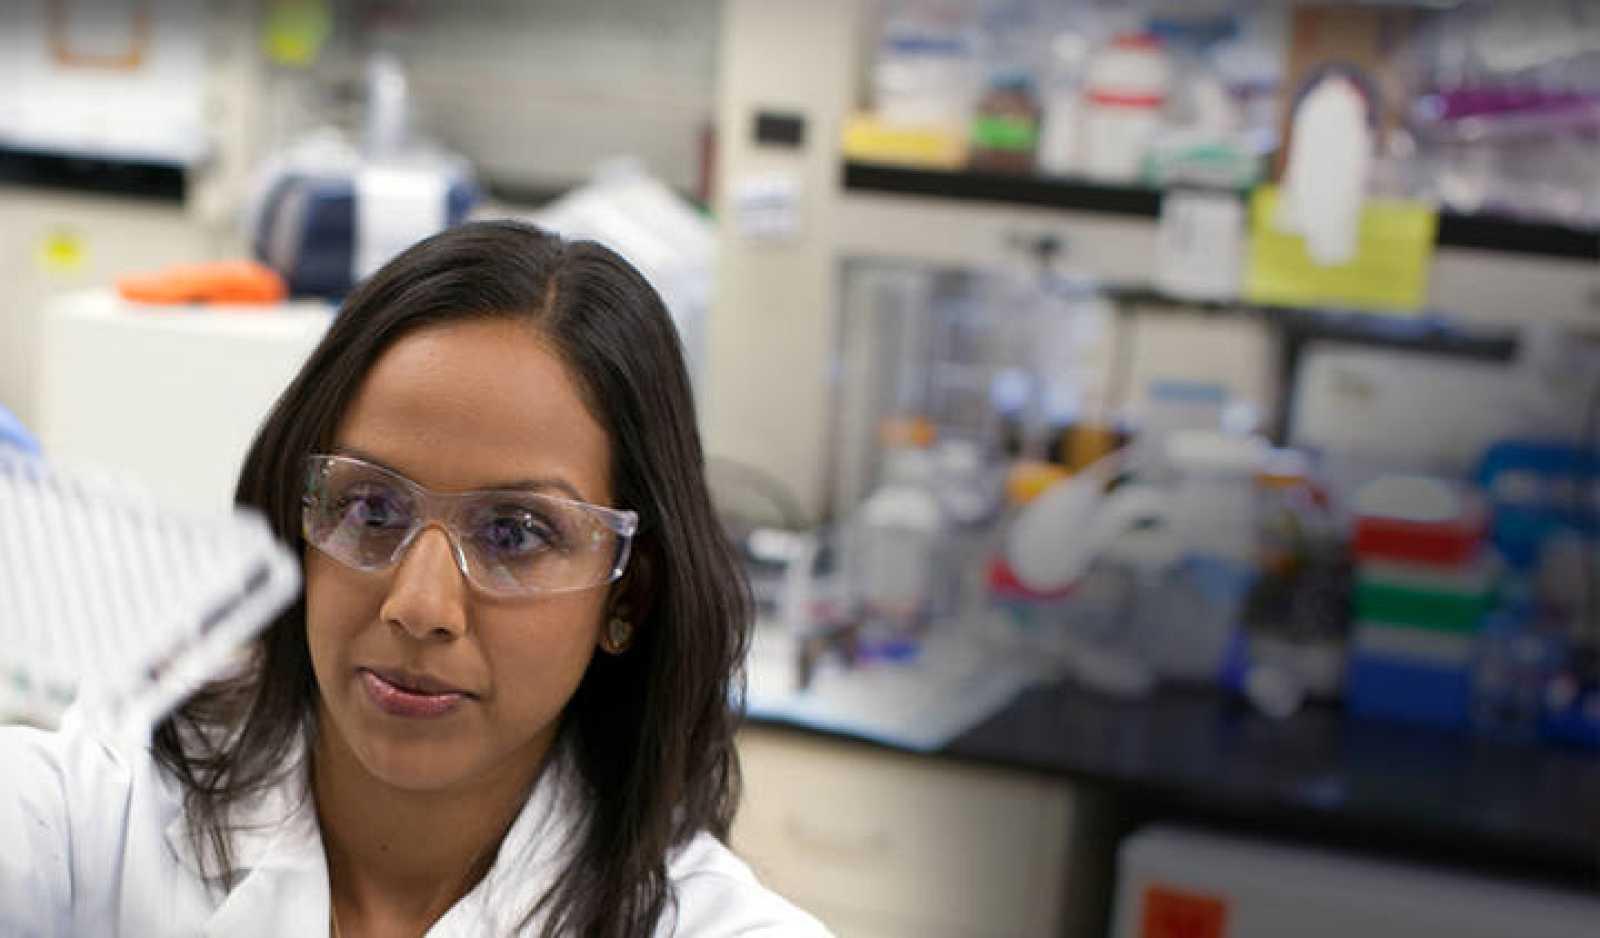 Técnica investigando en un laboratorio de Gilead.